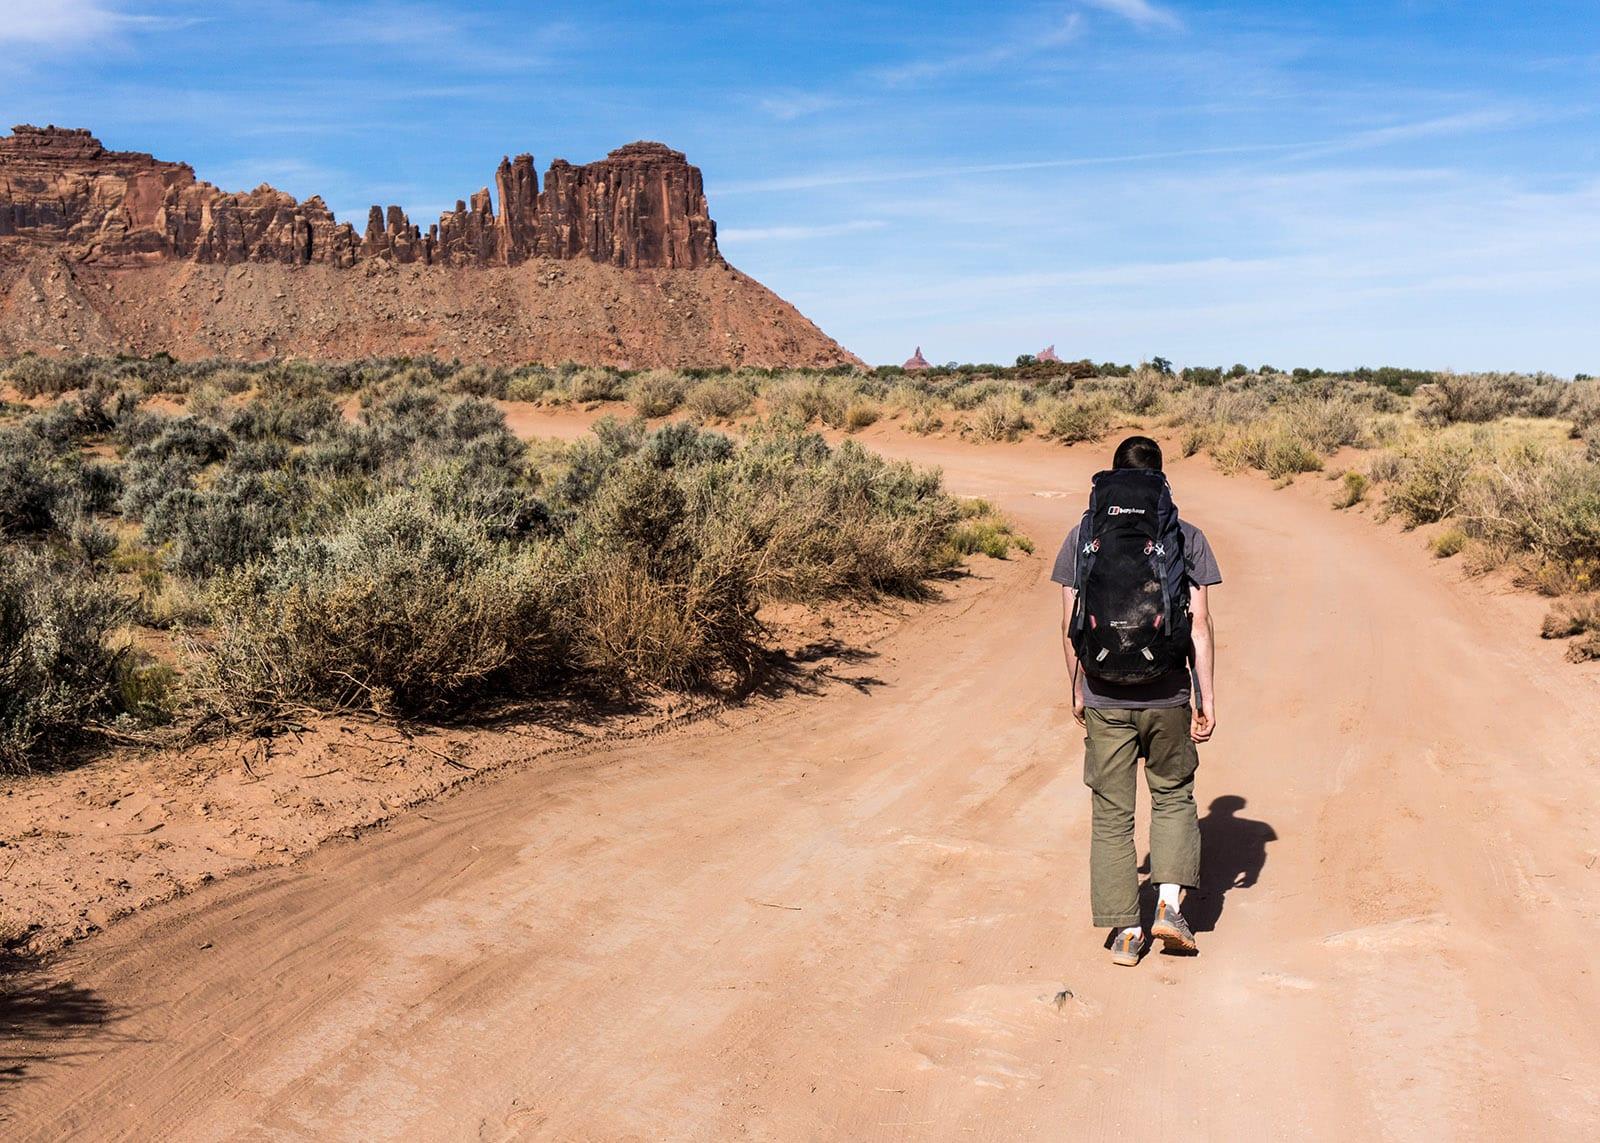 PÅ VEI: En anmarsj kan gi ro i sinnet. Og det kan man behøve av og til. Her er Tellef på vei mot en ny dag, og kan skimte Reservioar Wall i det fjerne. Turen gikk imidlertid ikke dit denne dagen. Så lange anmarsjer er det ikke i Indian Creek. Foto: Kristian Sletten Hanisch